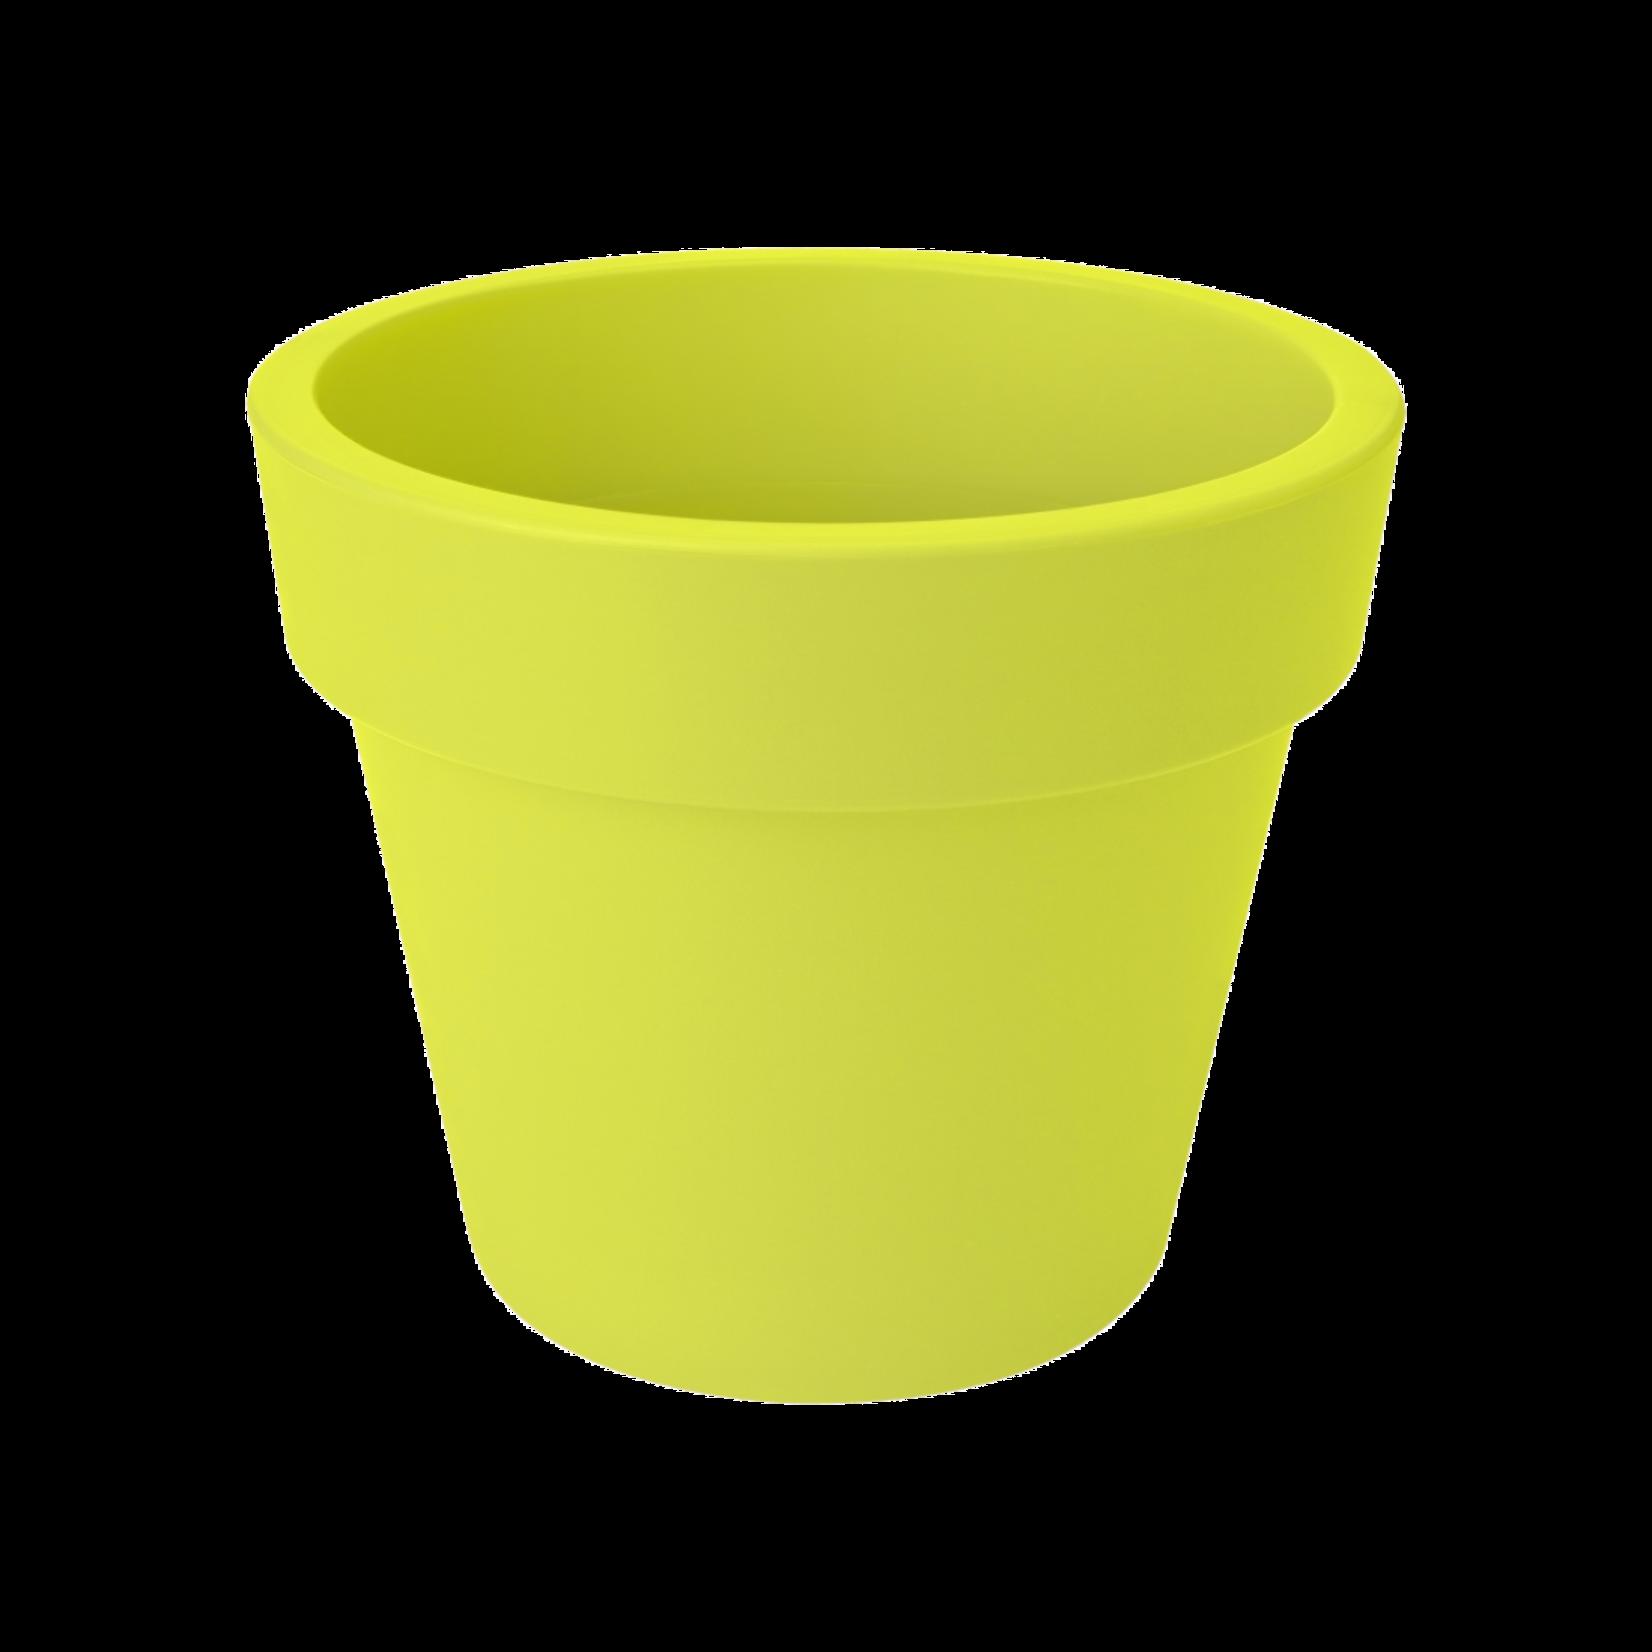 Elho Elho GB Top Planter 30cm - Lime Green